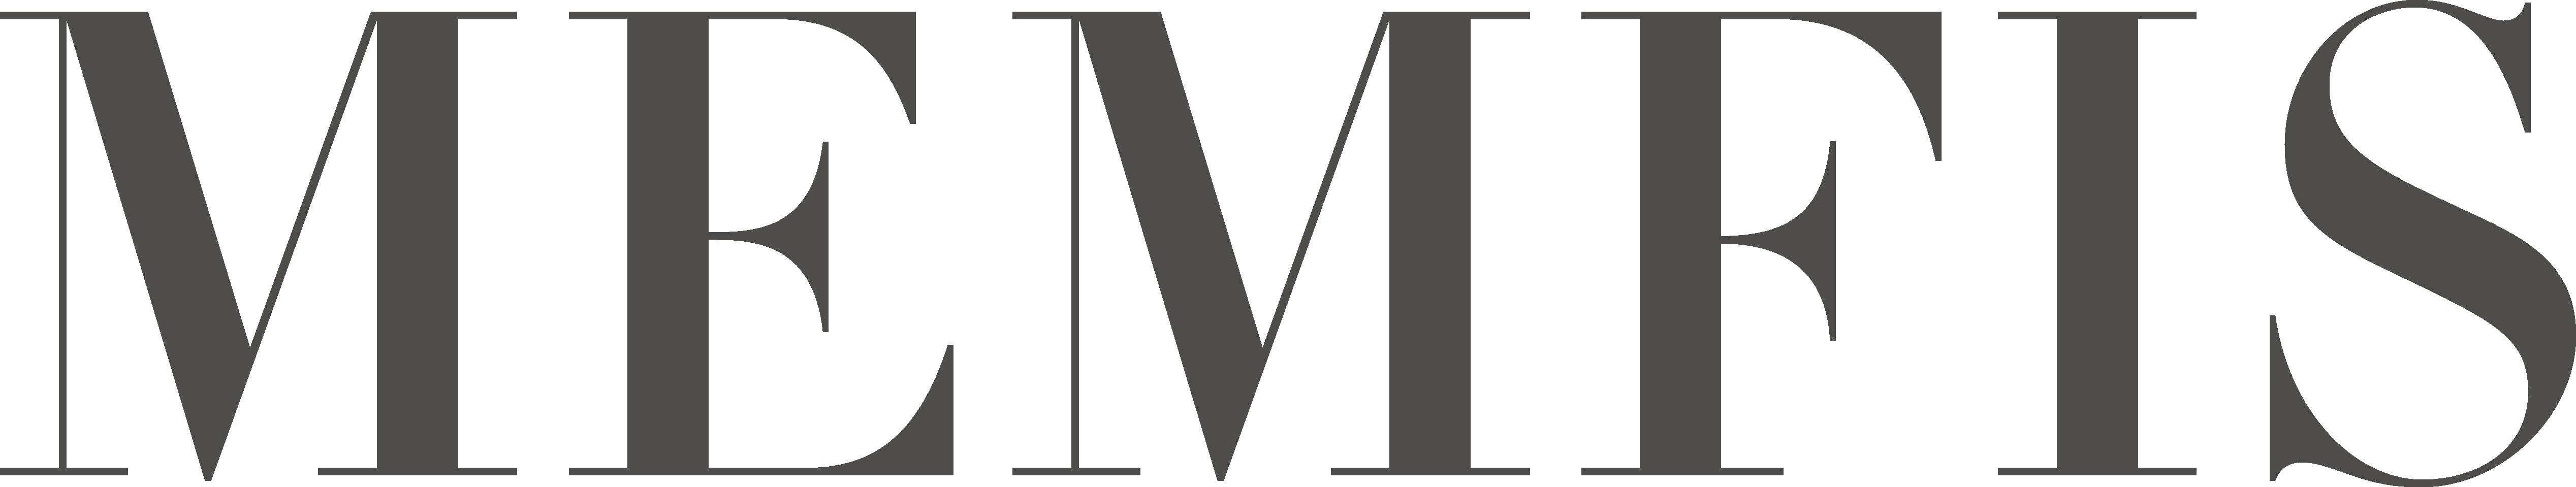 Vertigo High Resolution Logo